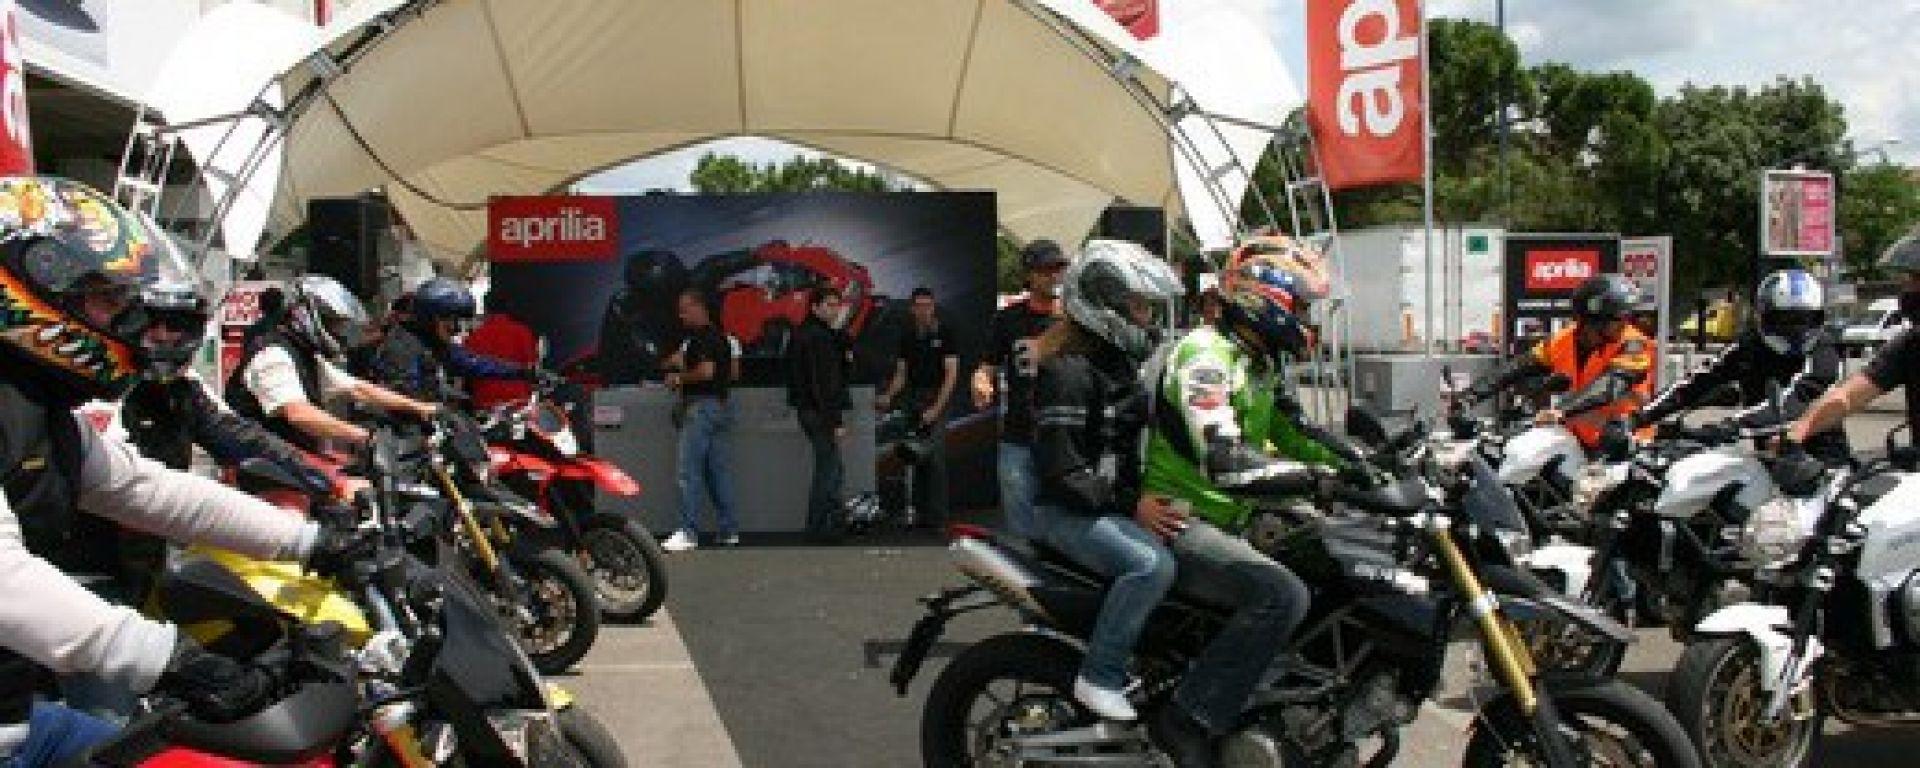 APRILIA: parte il Moto Live Tour 2010